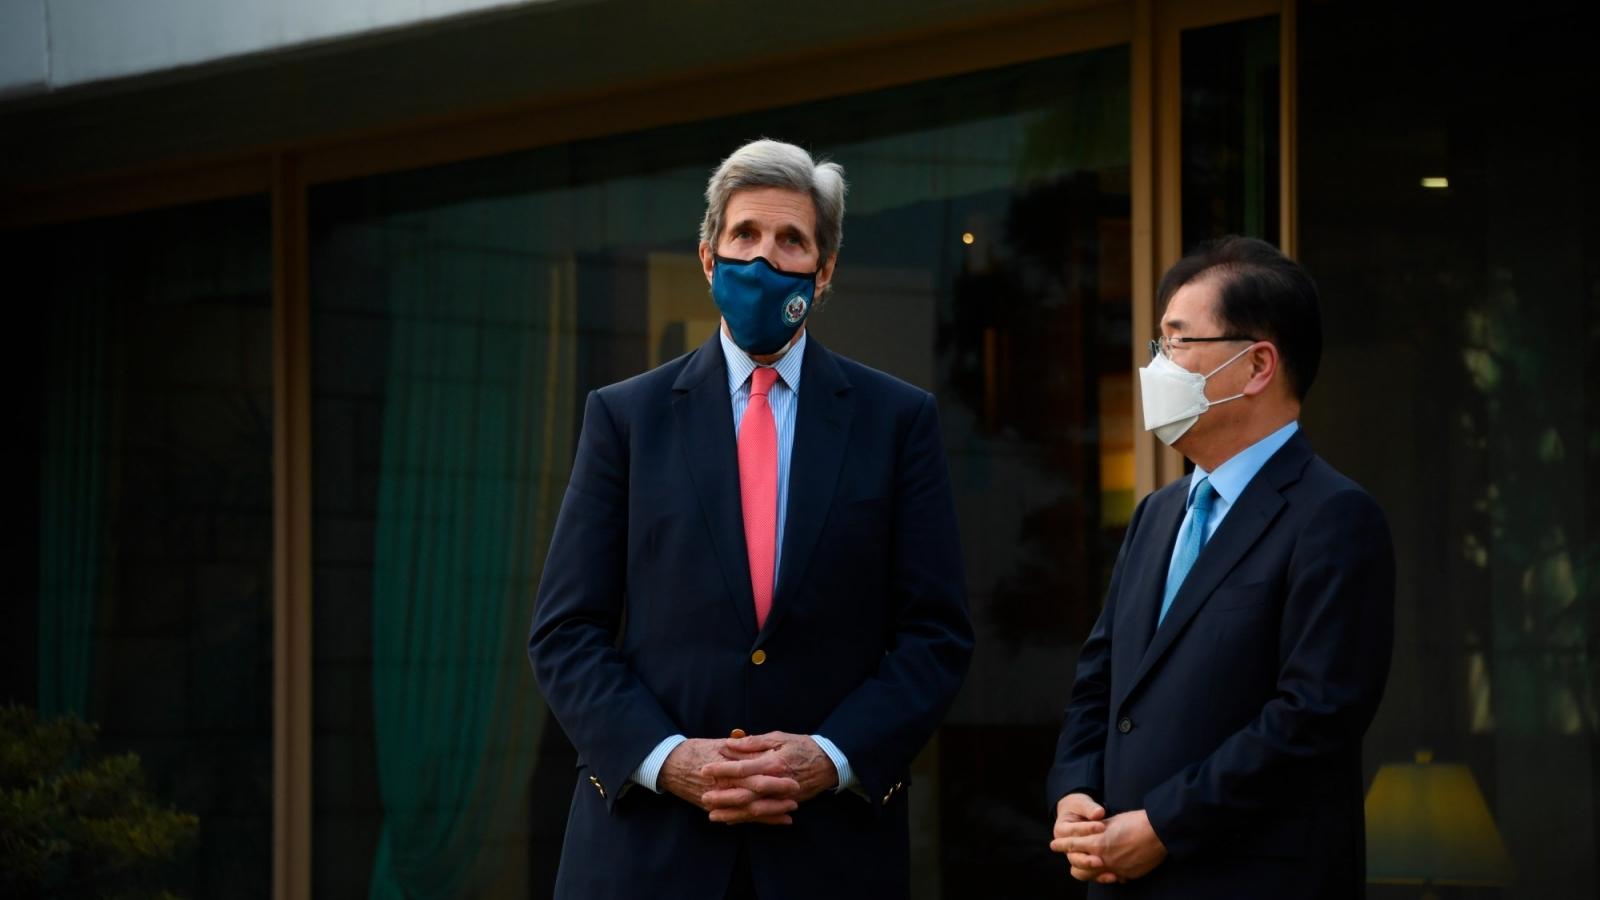 Hàn Quốc và Mỹ có quan điểm trái chiều về kế hoạch xả thải của Nhật Bản